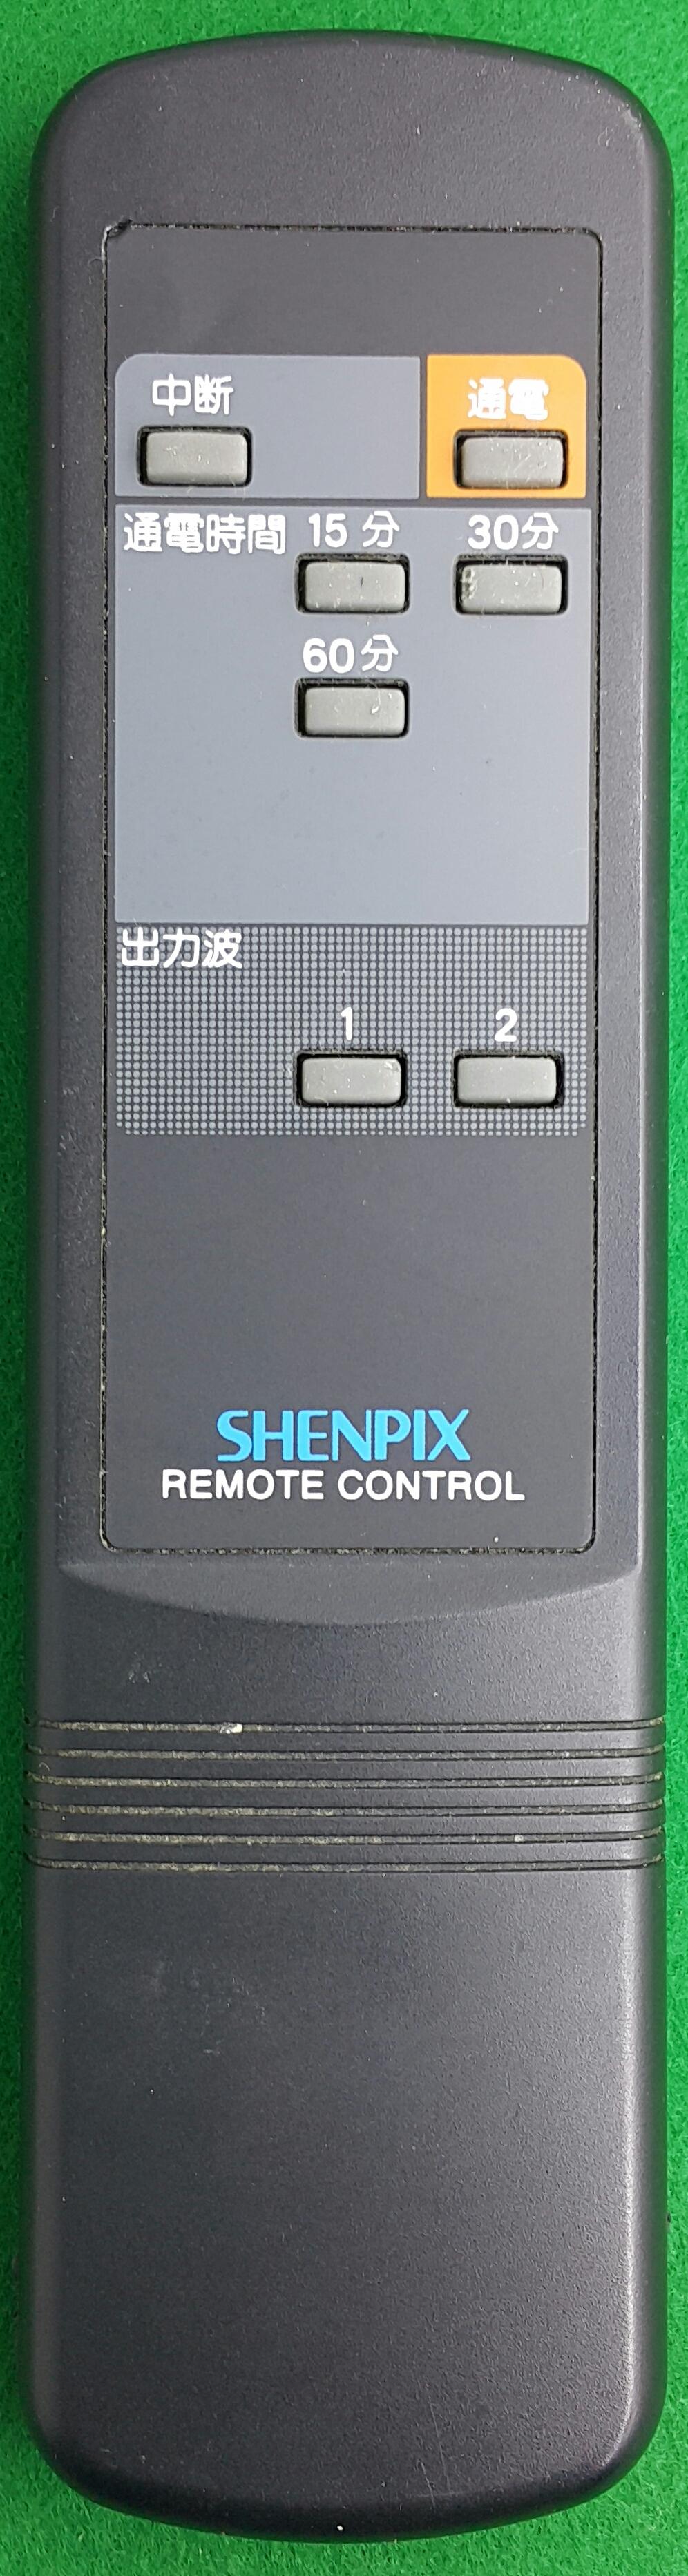 SHENPIX.jpg